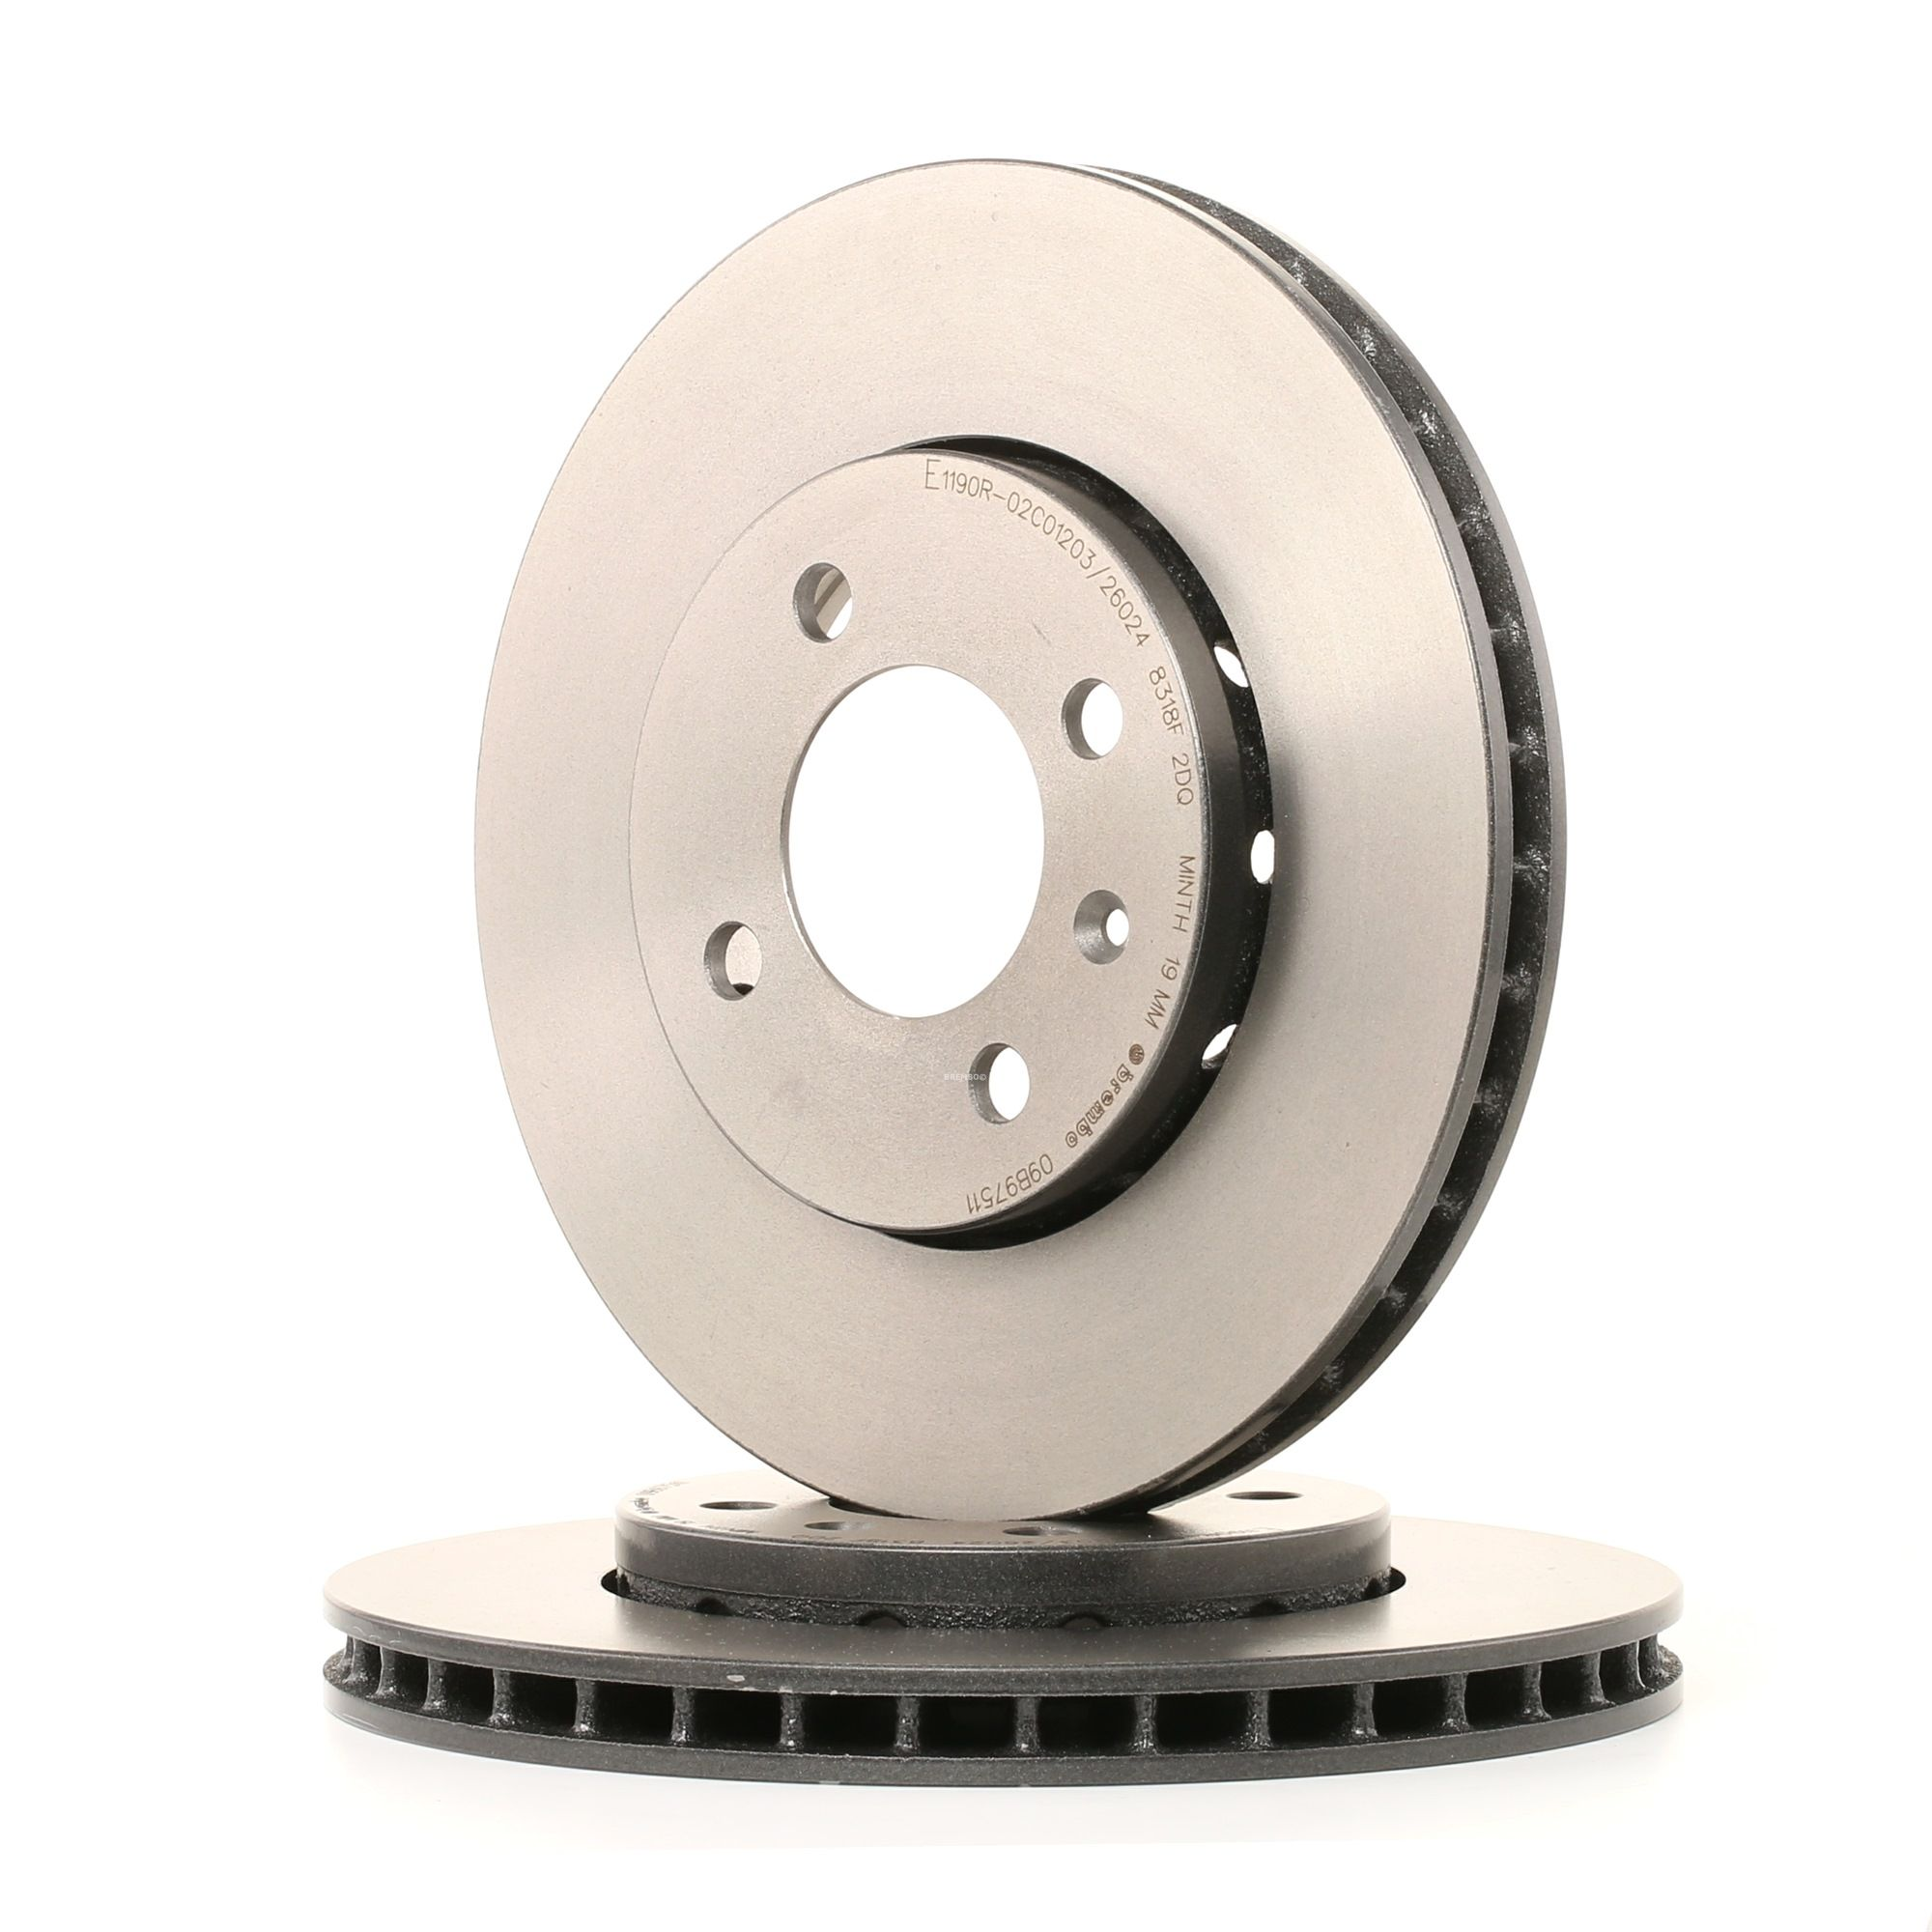 Achetez Disque de frein BREMBO 09.B975.11 (Ø: 256mm, Nbre de trous: 4, Épaisseur du disque de frein: 22mm) à un rapport qualité-prix exceptionnel